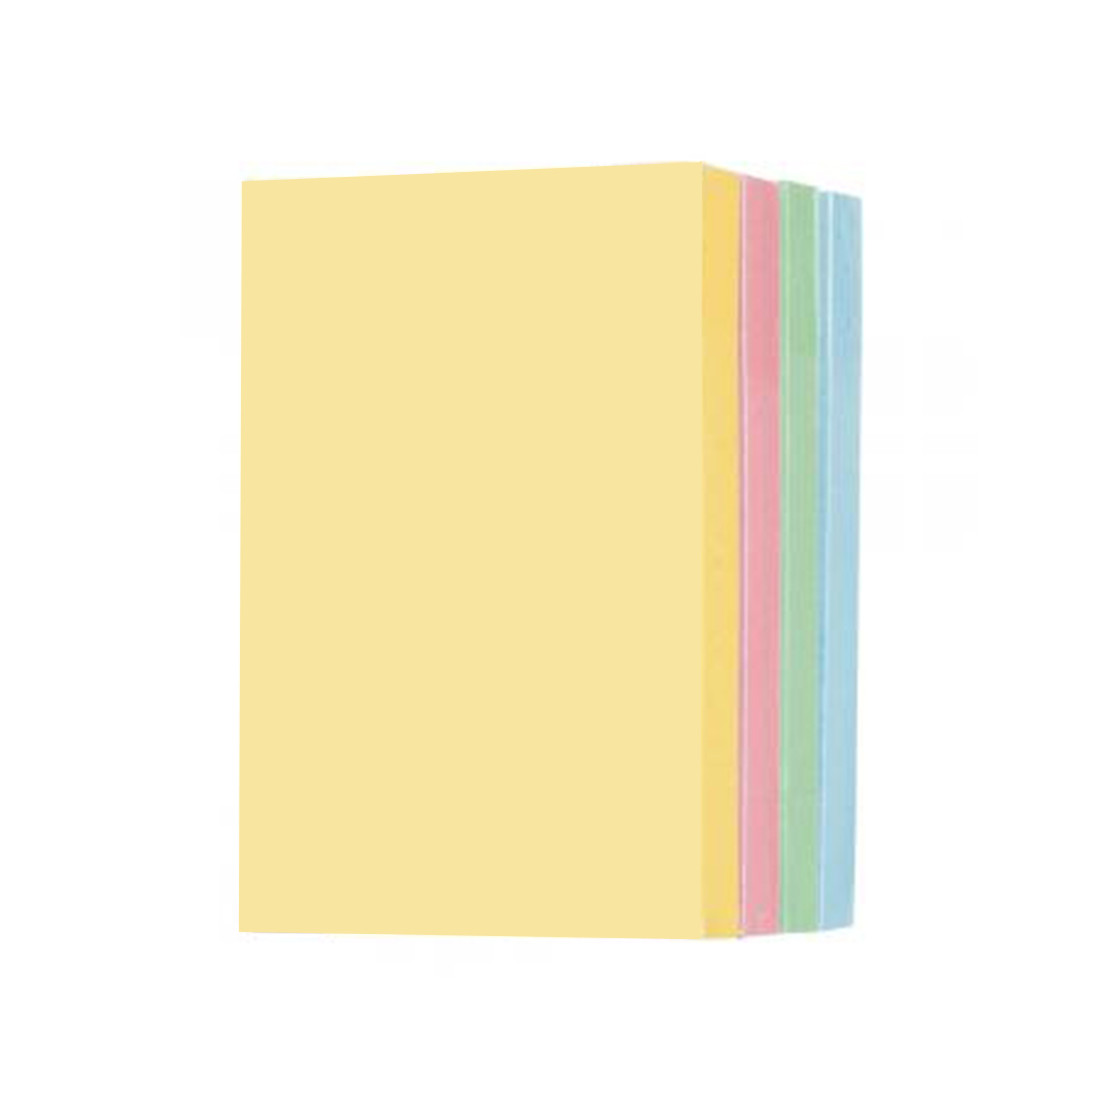 Стикеры бумажные самоклеющиеся Comix (76х125 мм)